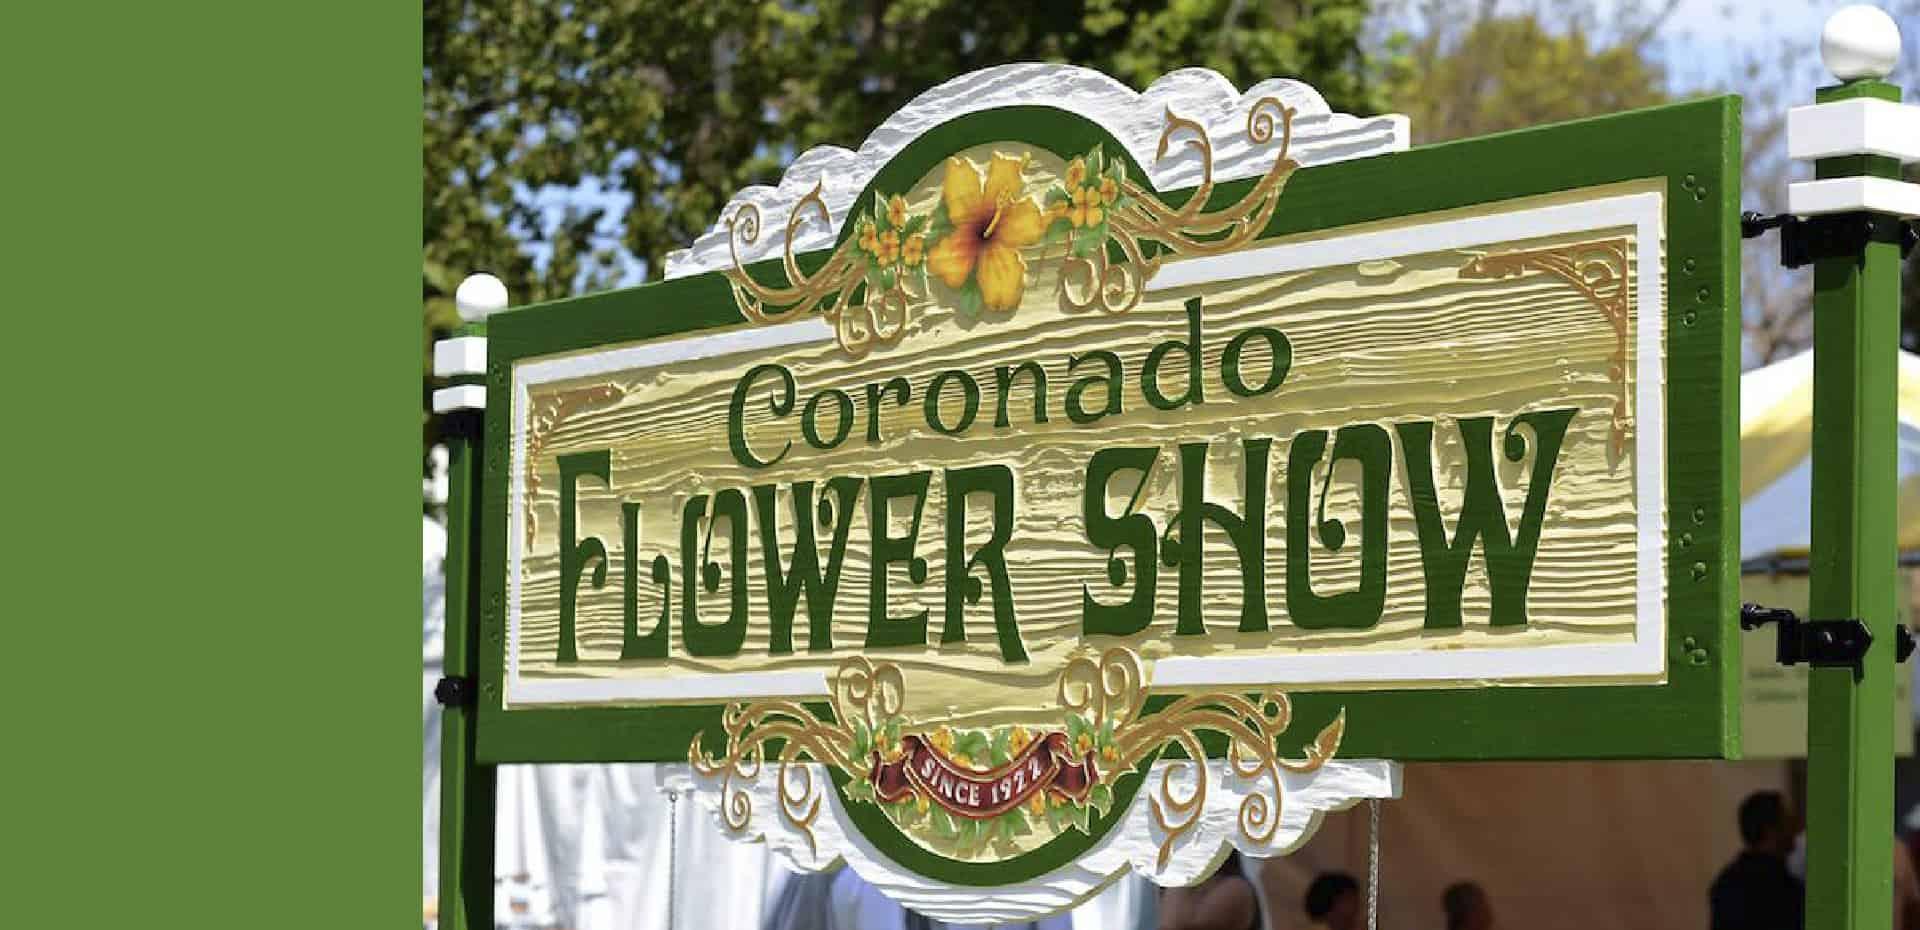 Coronado Flower Show Sign